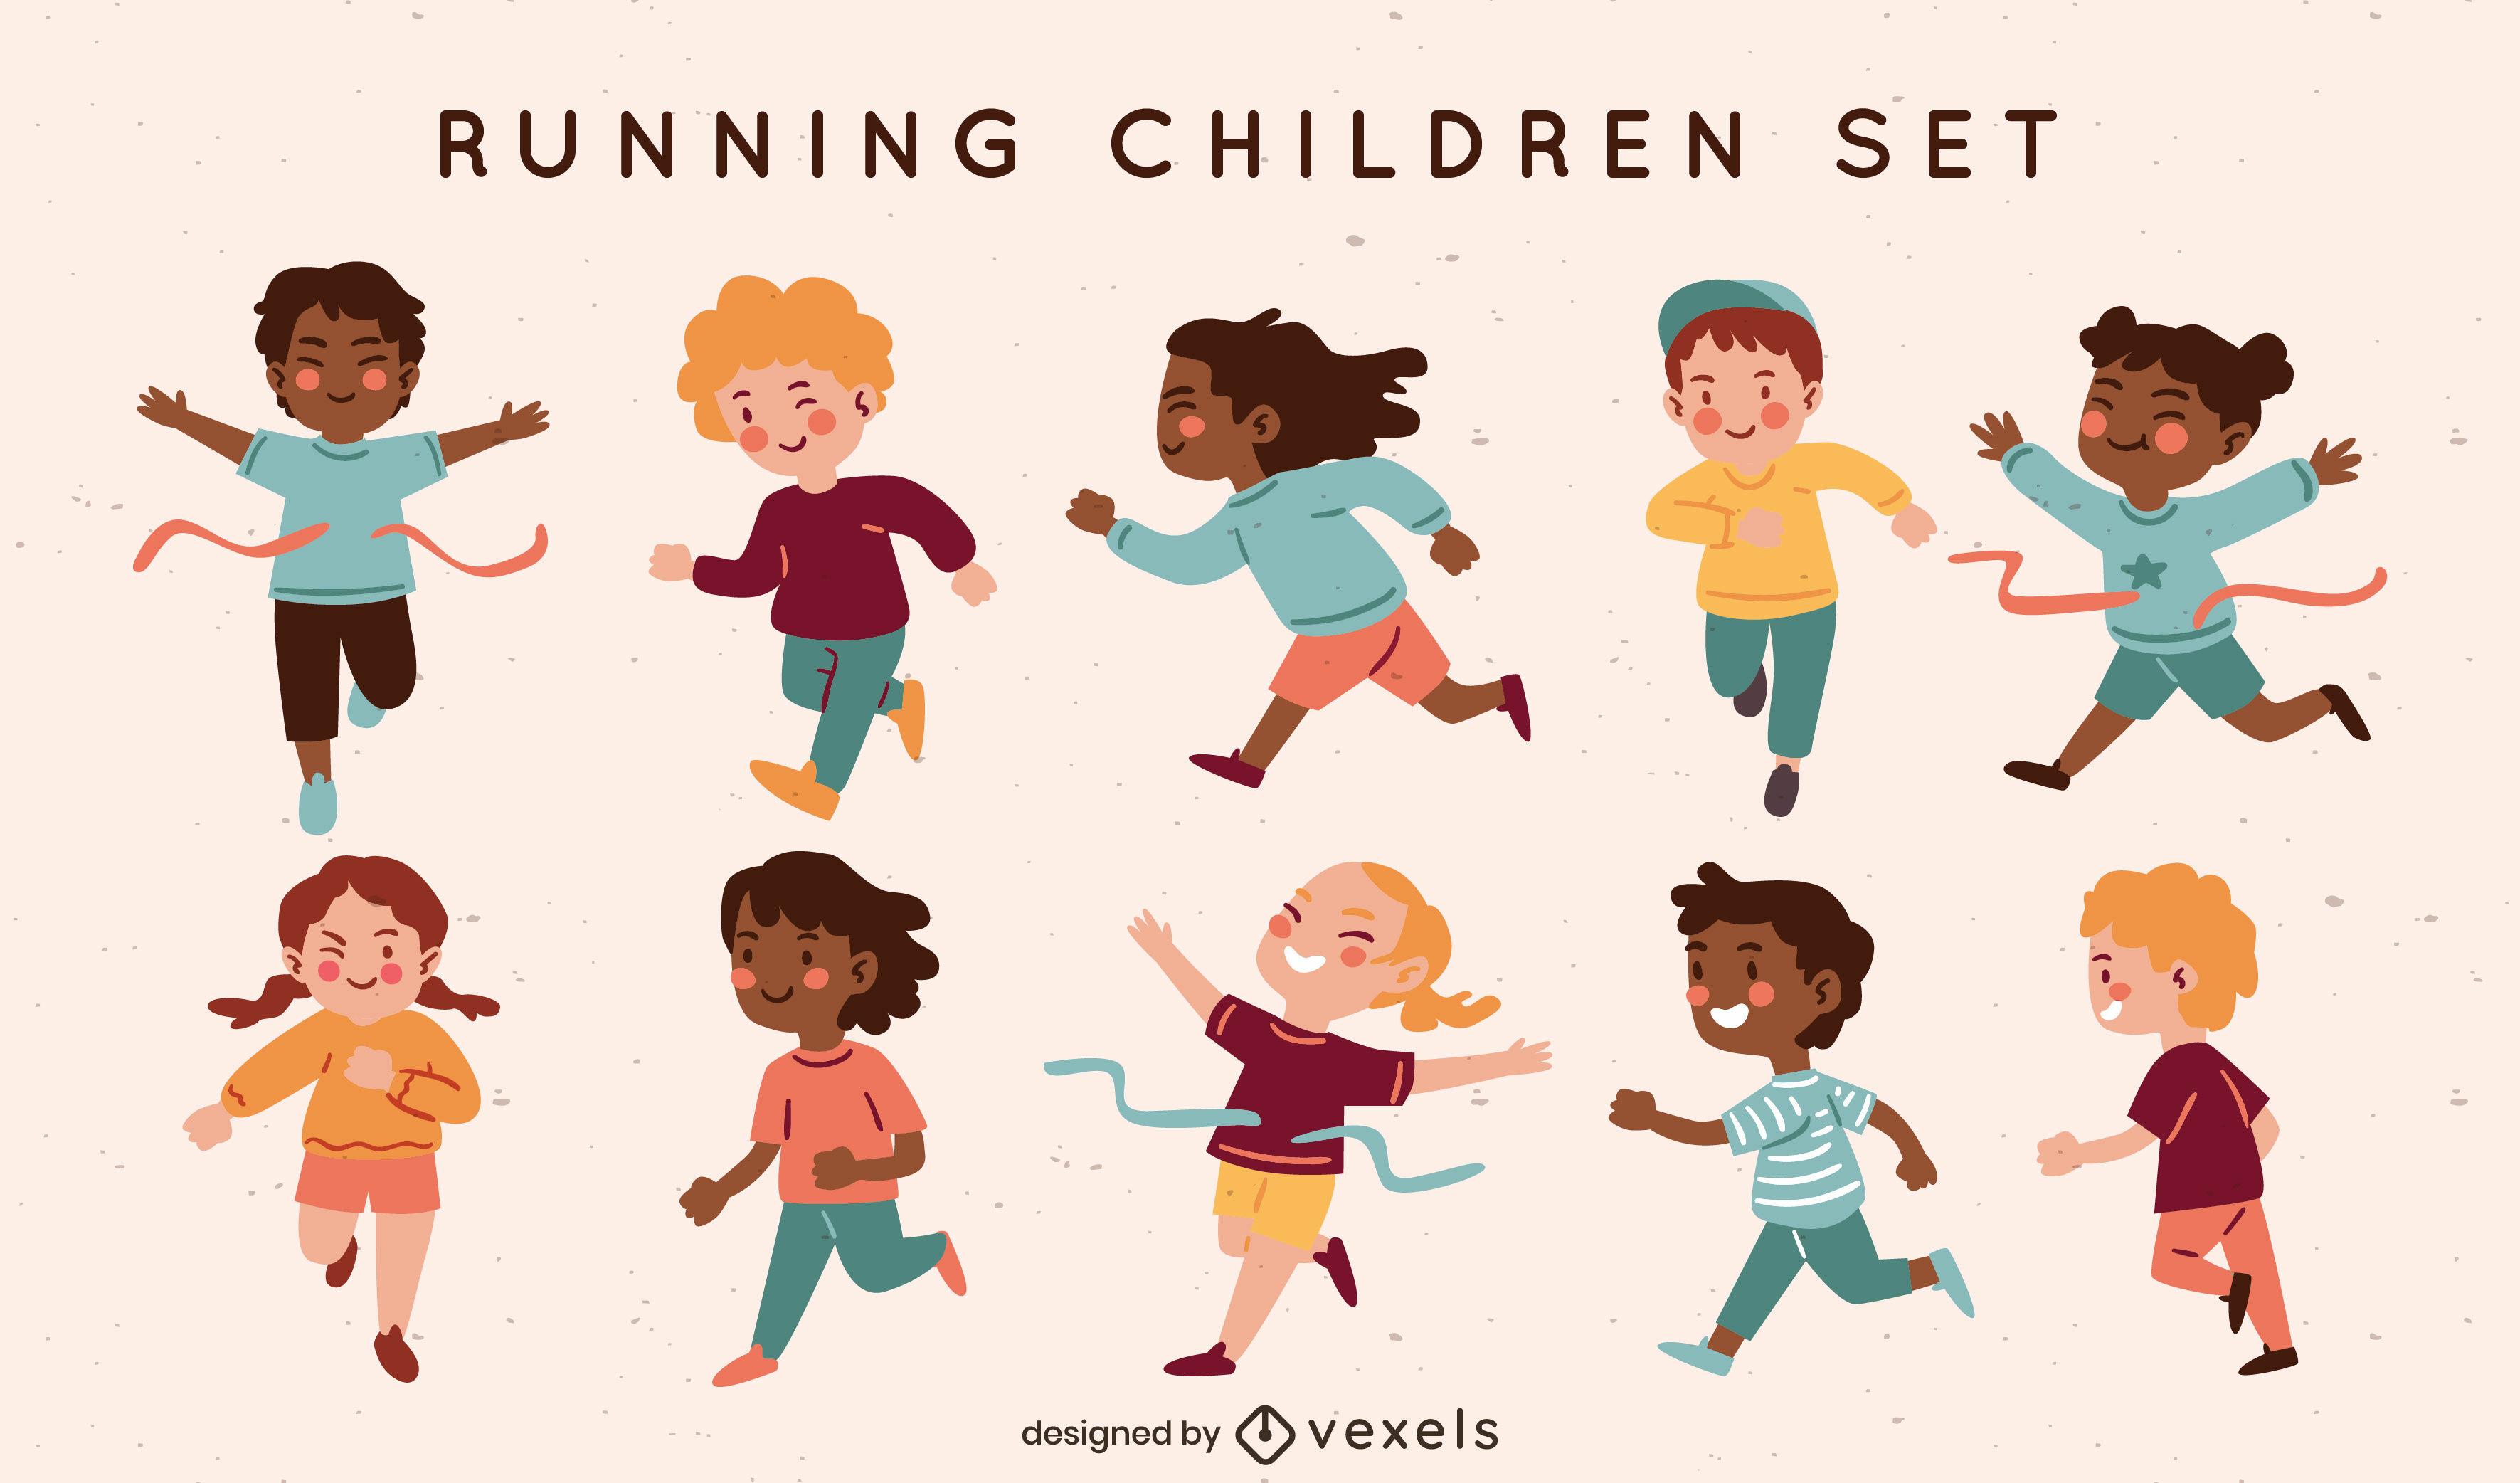 Glückliche Kinderfiguren, die flach laufen